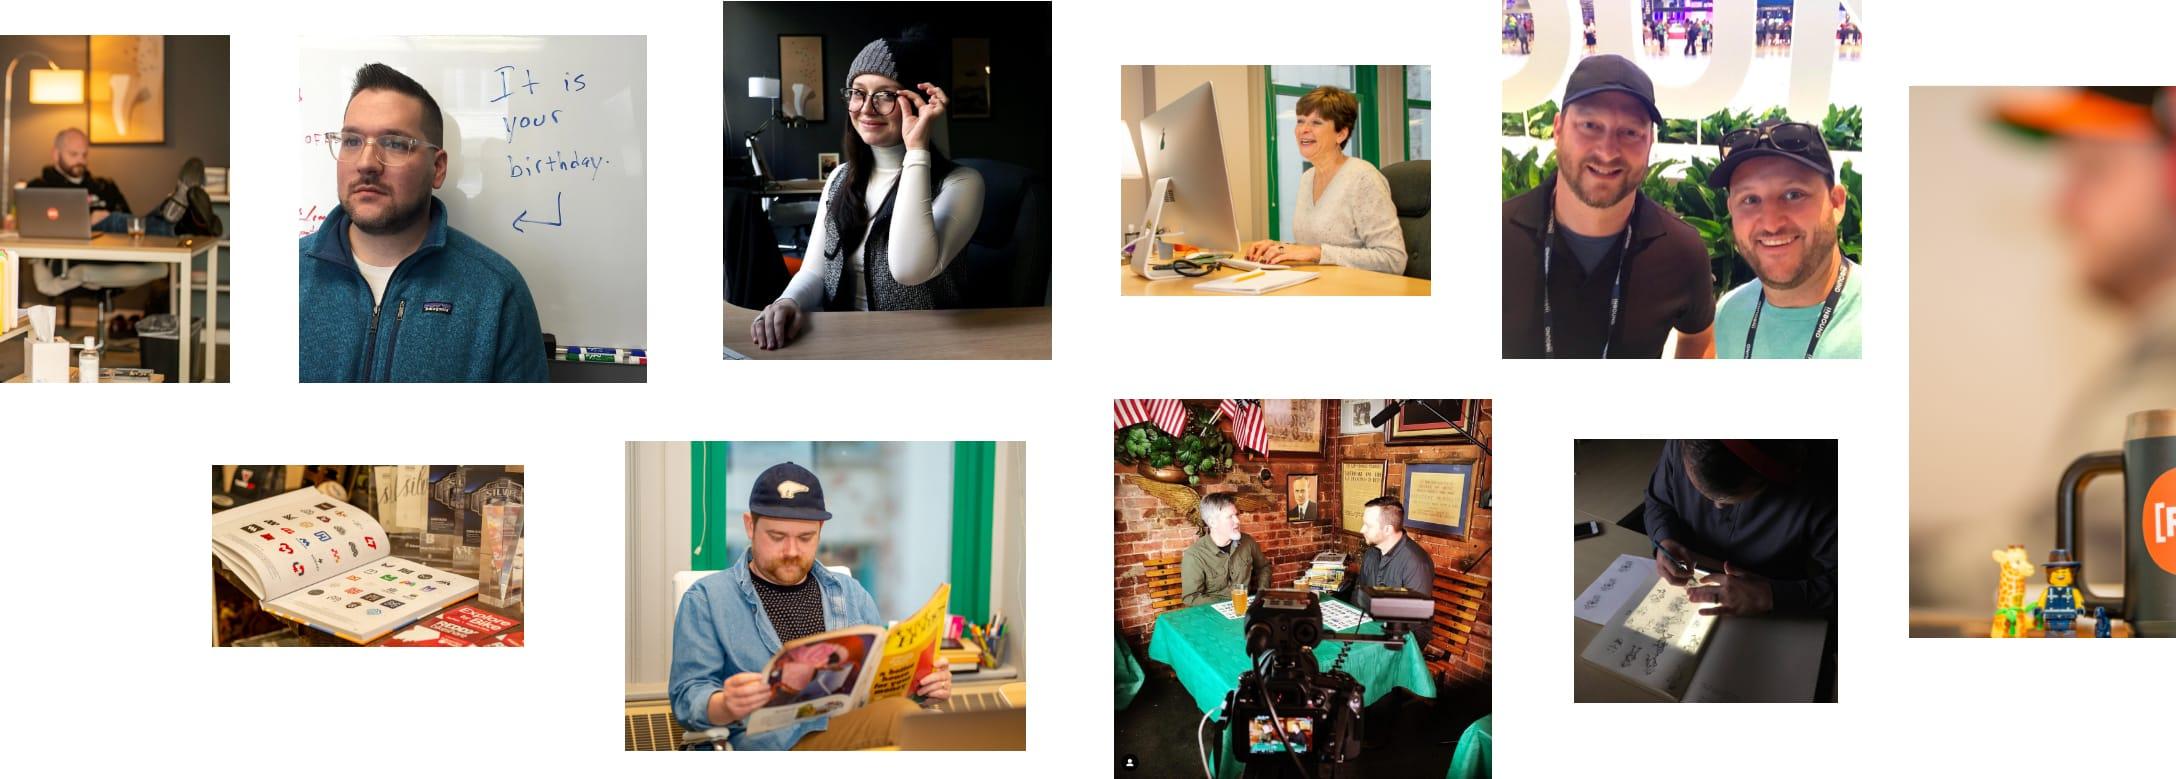 Renoun Team Photo Collage